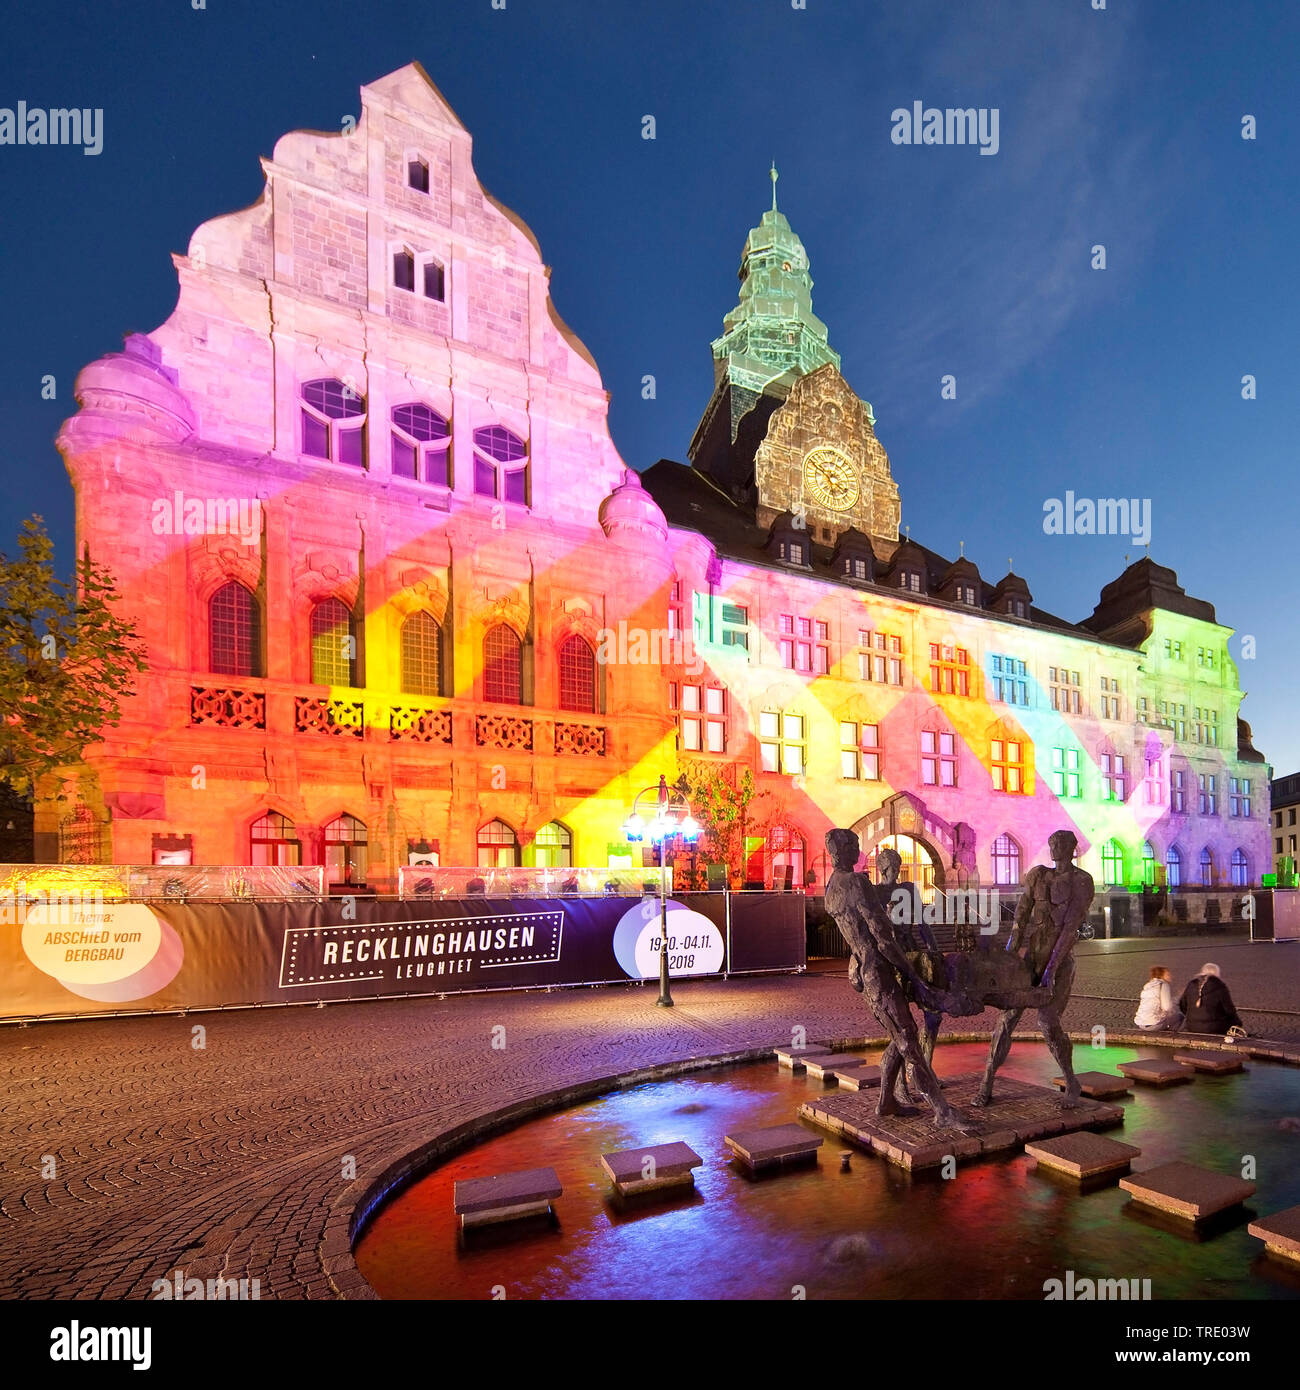 Illuminiertes Rathaus bei der Veranstaltung Recklinghausen leuchtet, Deutschland, Nordrhein-Westfalen, Ruhrgebiet, Recklinghausen   illuminated town h - Stock Image